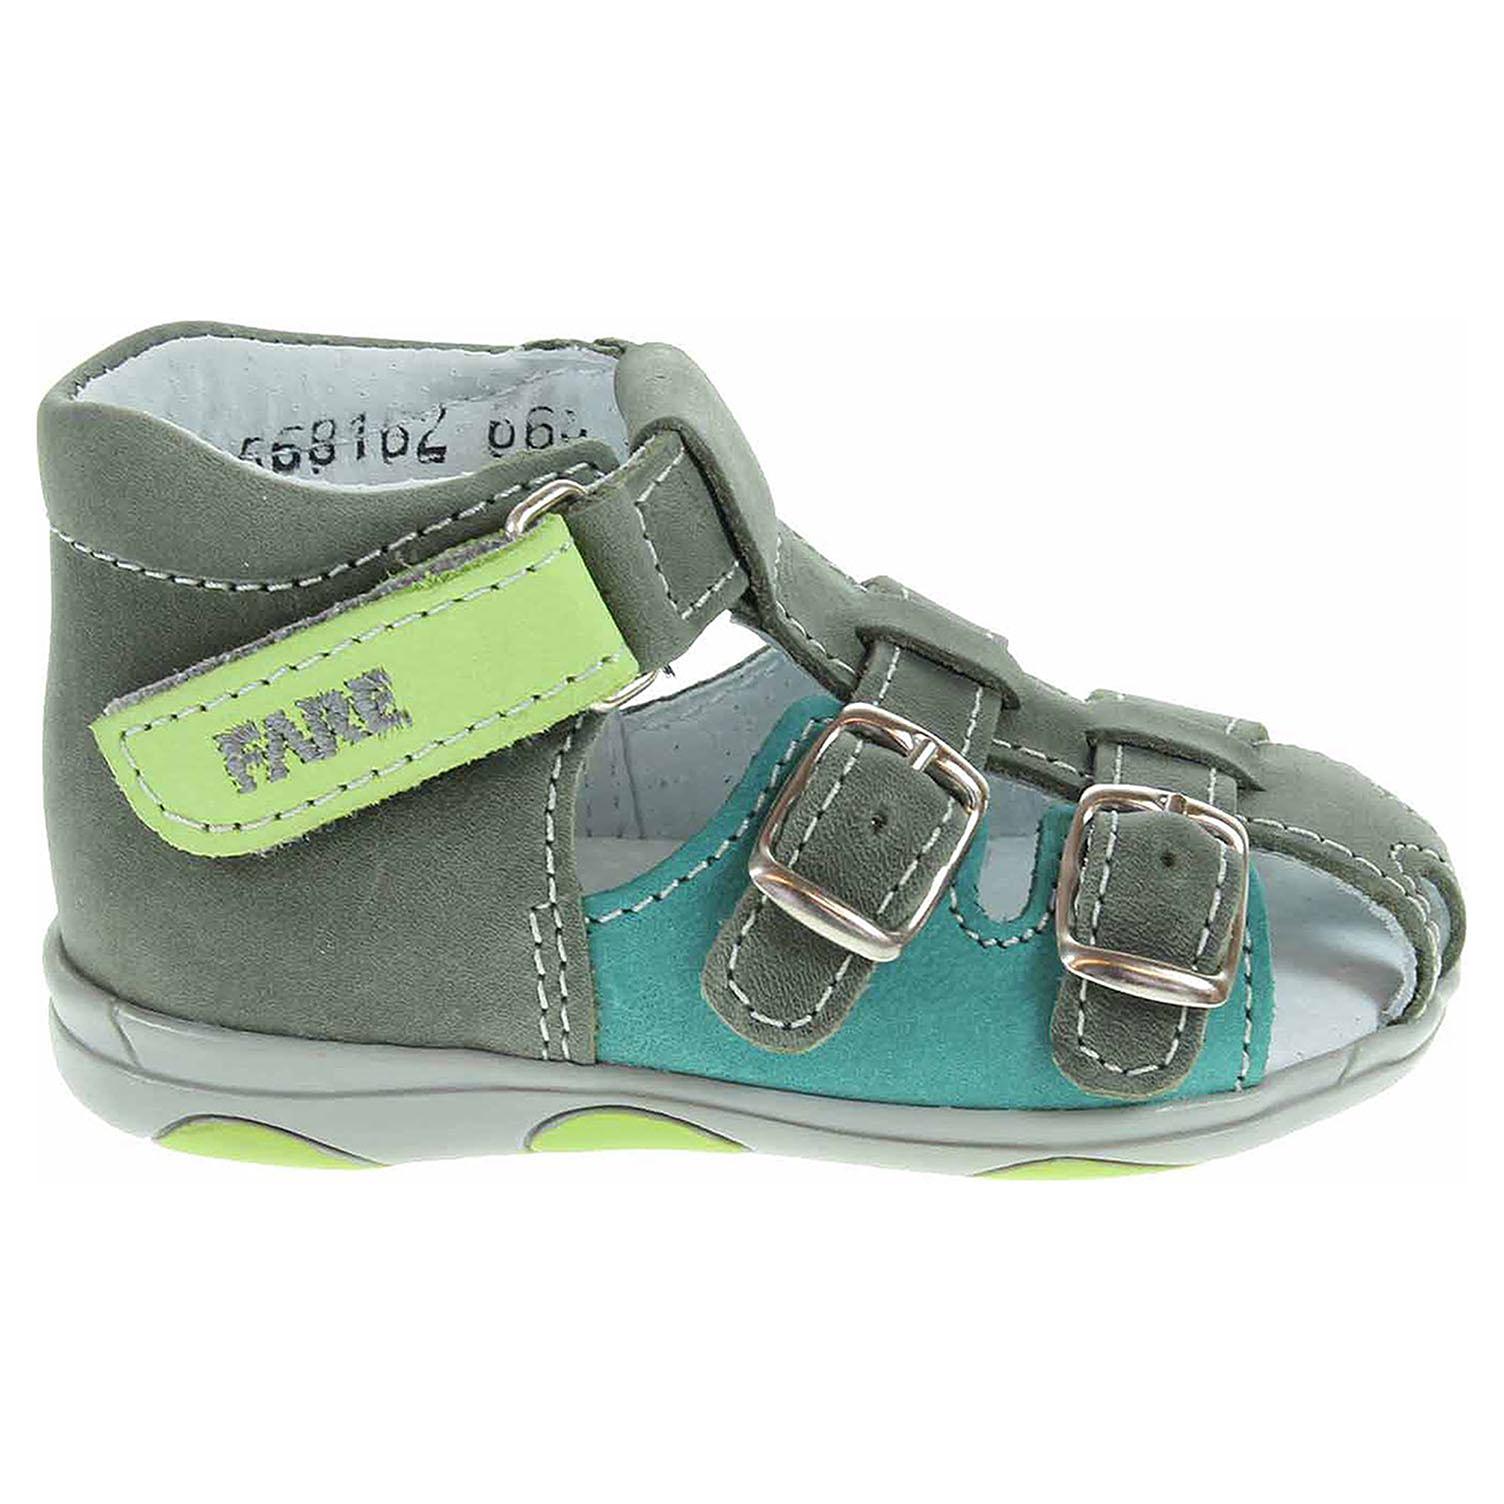 Ecco Fare chlapecké sandály 568162 šedá-zelená 29300082